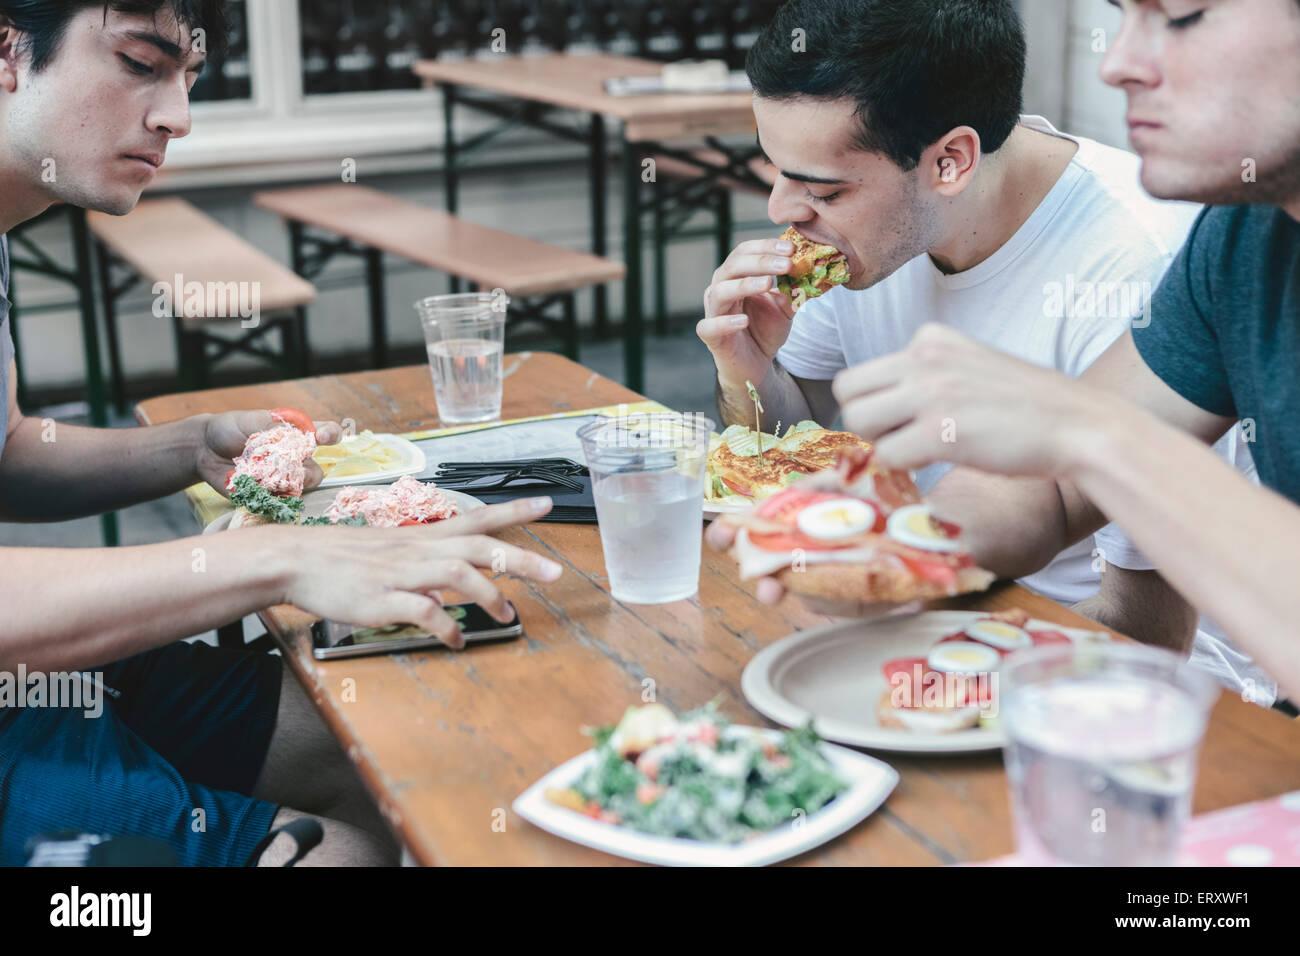 Amigos refeição em público de uma área de estar ao ar livre na zona financeira de Nova Iorque Imagens de Stock